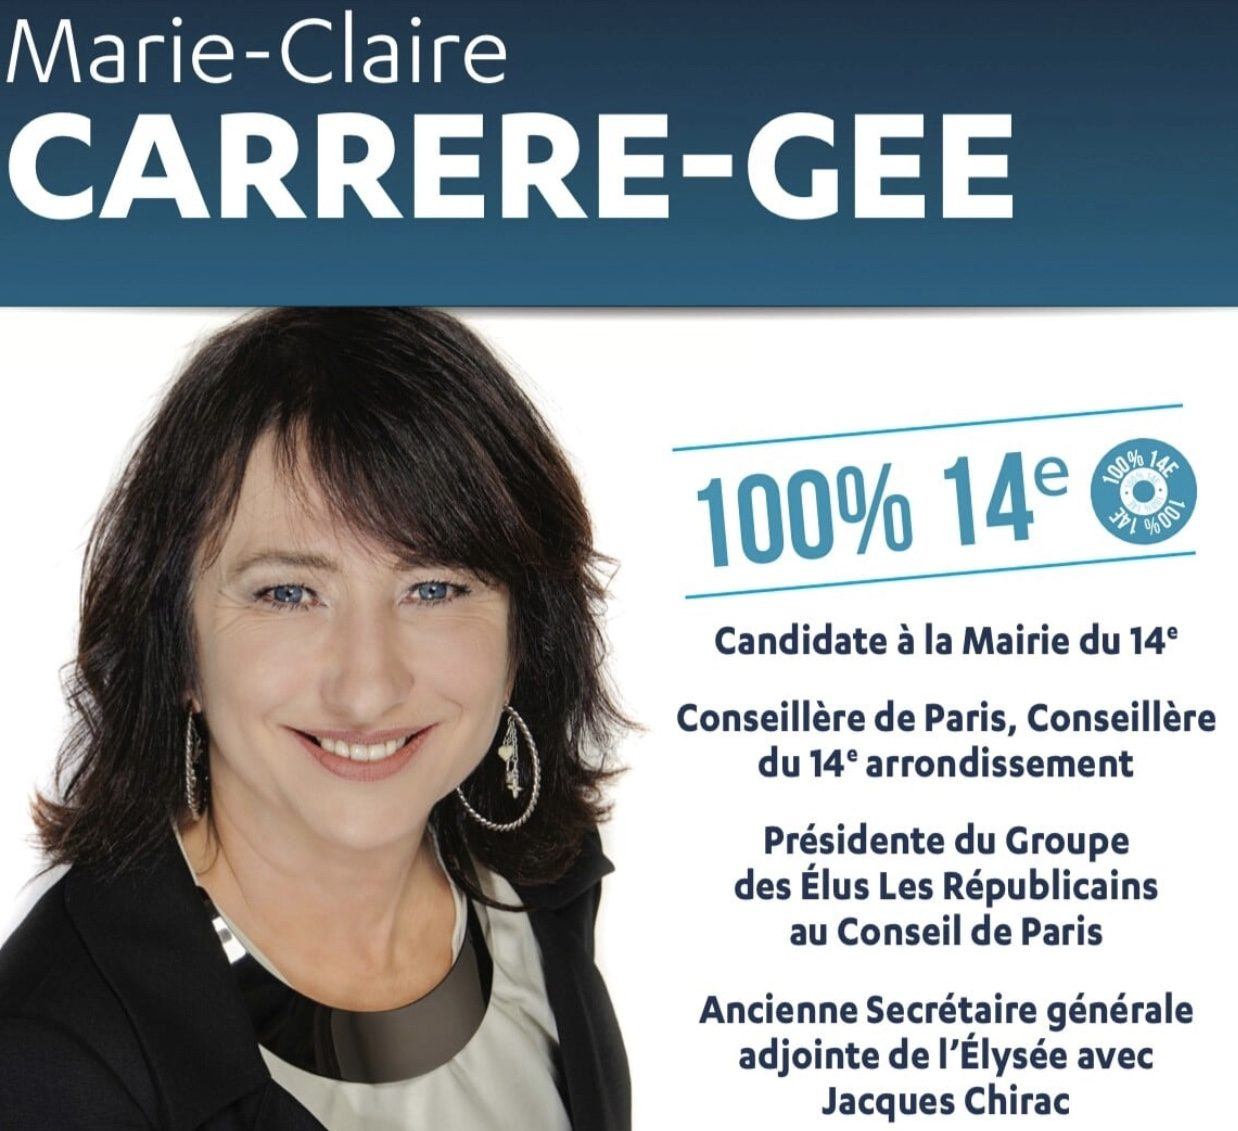 Blog de Marie-Claire Carrère-Gée - Candidate à la Mairie du 14eme arrondissement - Conseillère de Paris, élue du 14e arrondissement - Présidente du Groupe Les Républicains et Indépendants au Conseil de Paris - PARIS 2020 avec Rachida DATI